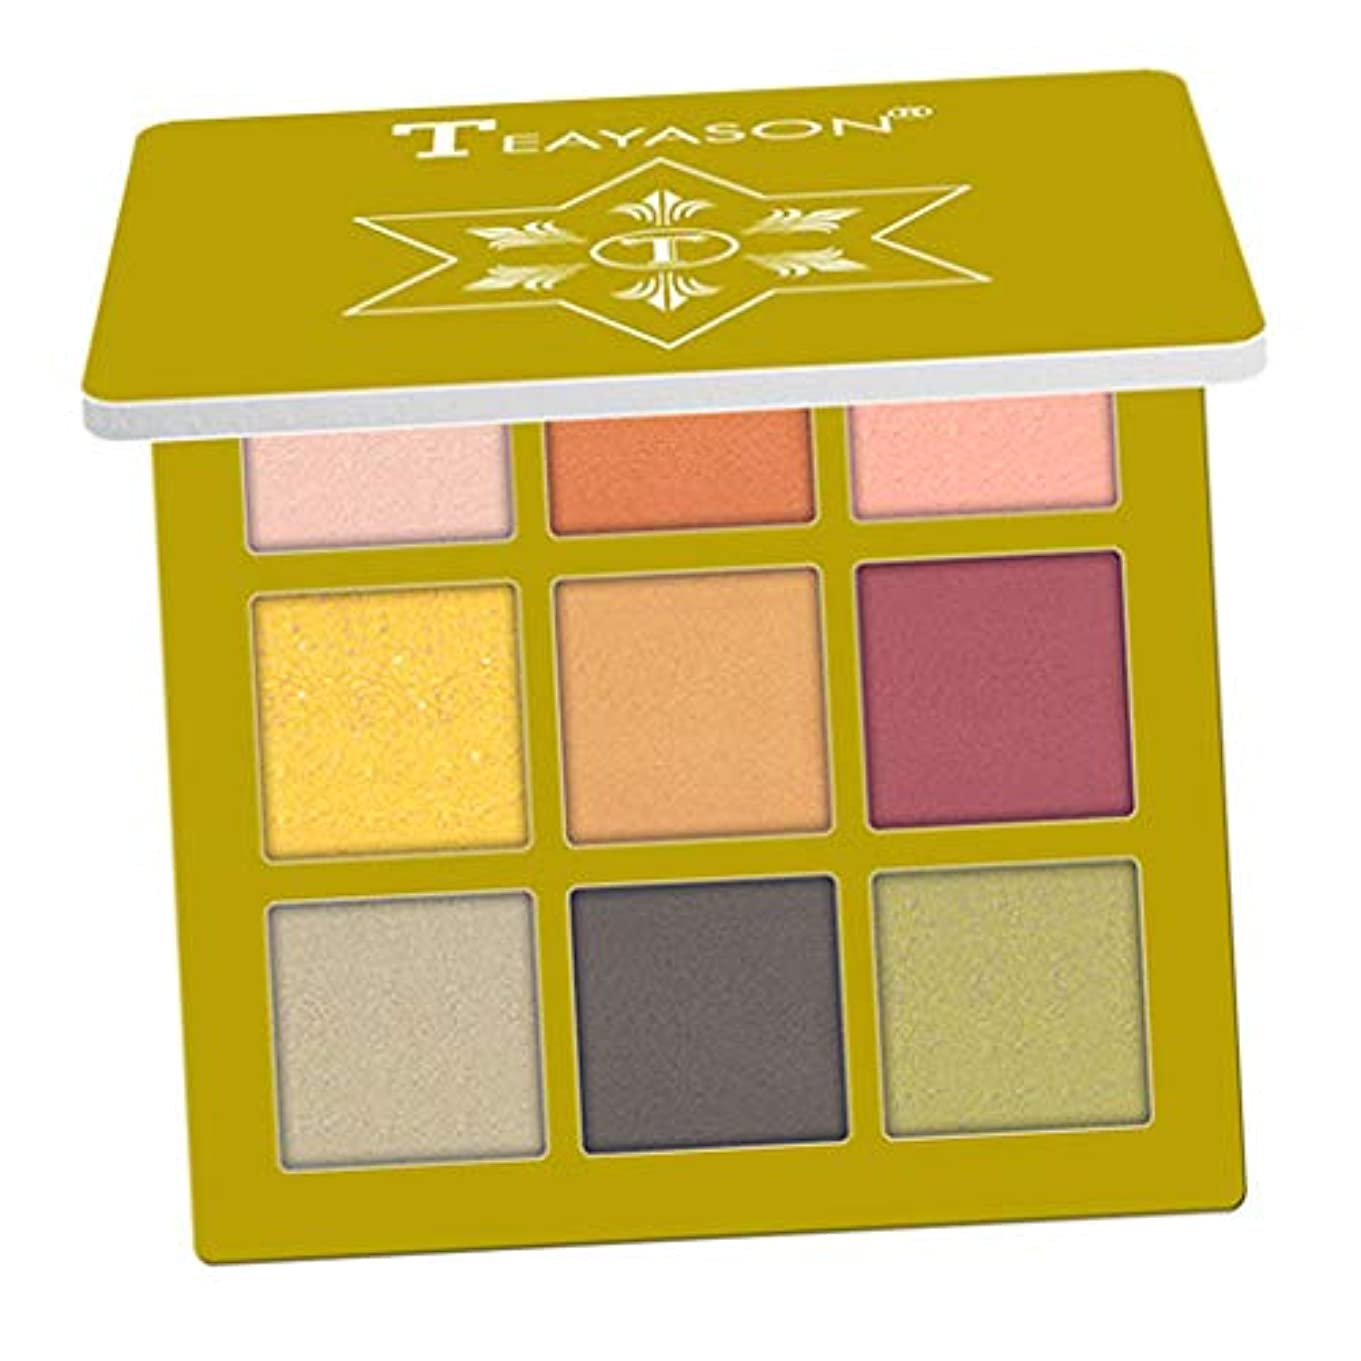 季節香水レイアイシャド ウパレット マット 高着色 長持ち 防水 アイシャドウ アイメイク 全10色 - ゴールデン